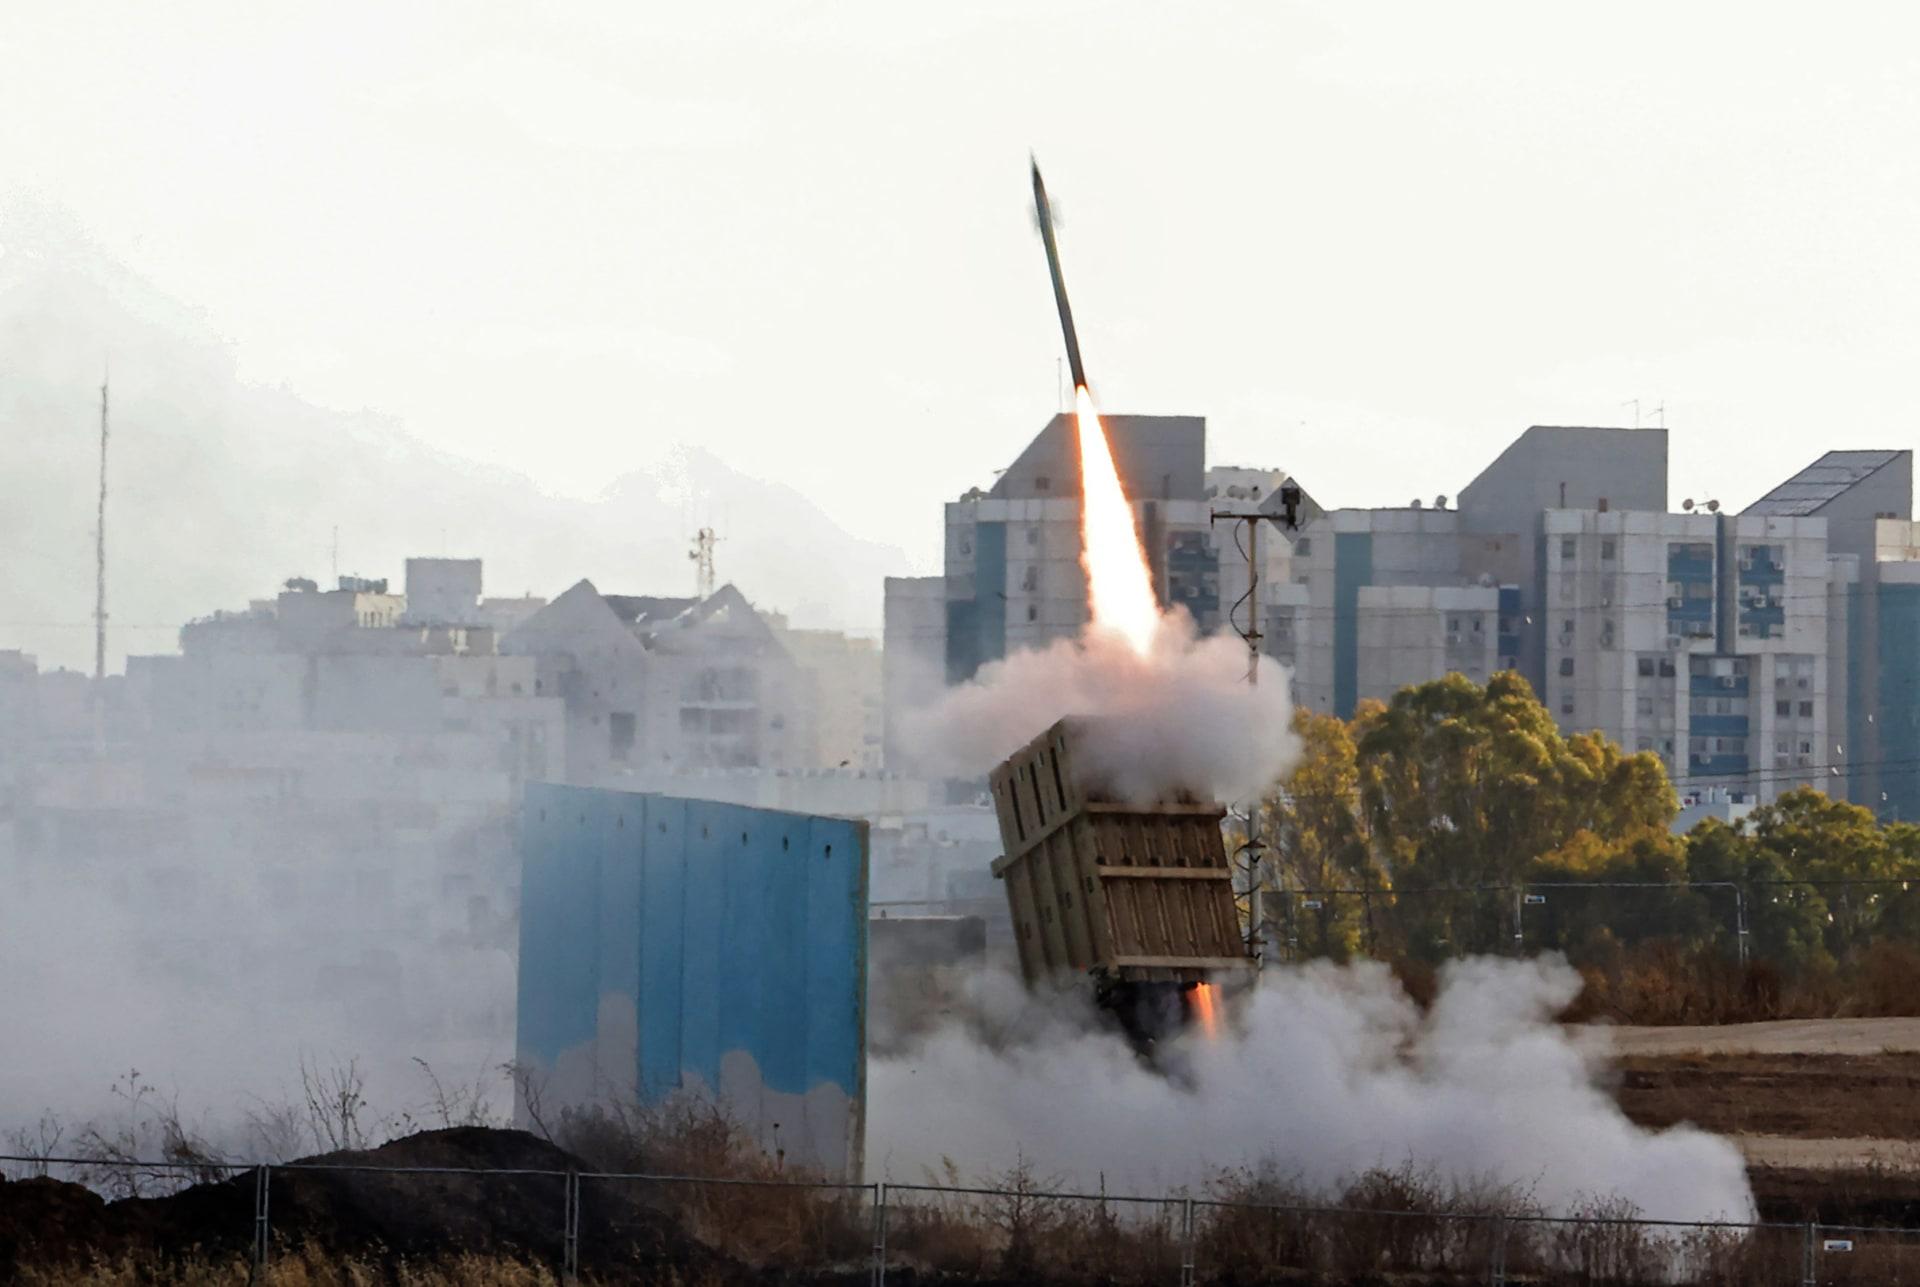 لحظة إطلاق نظام القبة الحديدية للدفاع الجوي الإسرائيلي لاعتراض صاروخ تم إطلاقه من قطاع غزة، فوق مدينة أشدود - في 17 مايو 2021